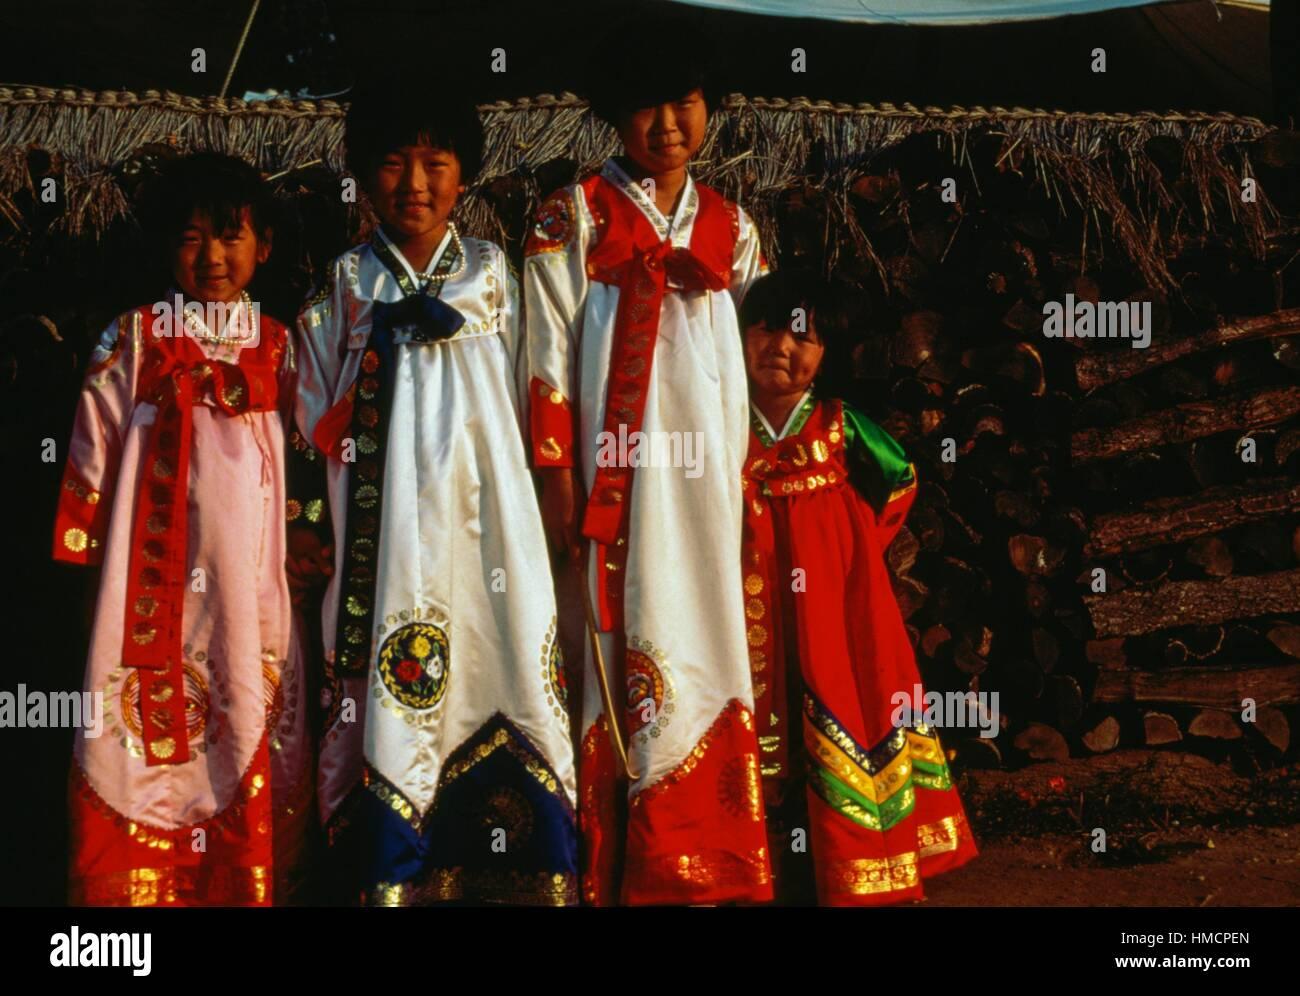 Les jeunes filles portant des vêtements traditionnels, la Corée du Sud. Photo Stock